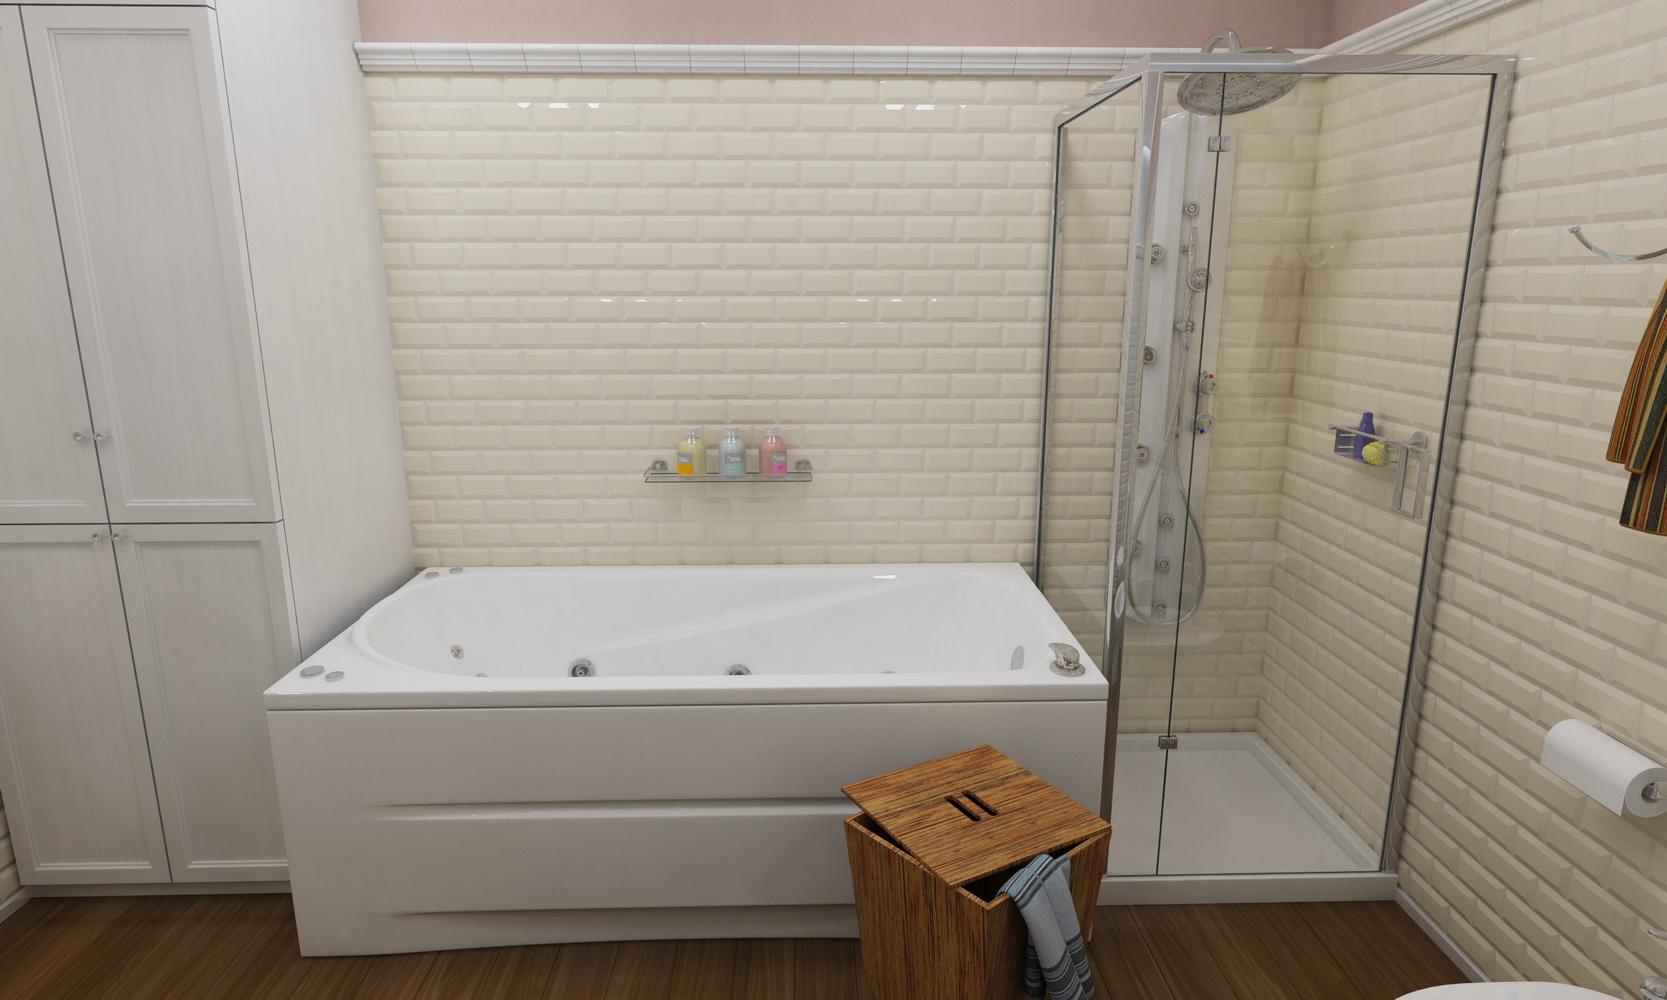 Bathroom portfolio 2015-05-29 18040100000.jpg